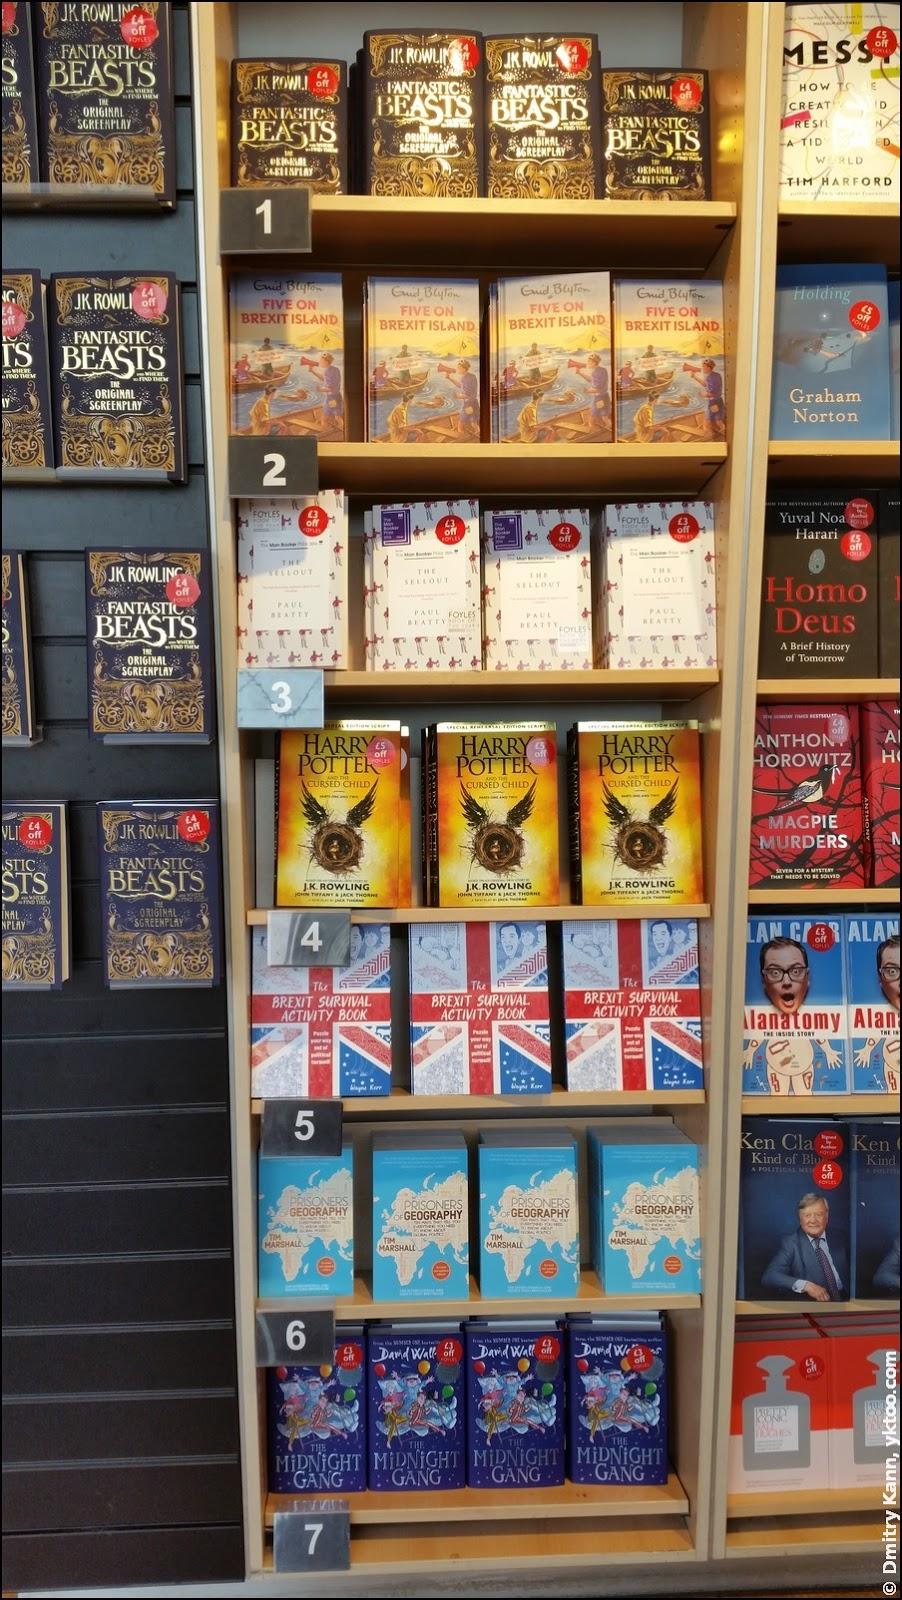 Полка с семью бестселлерами в книжном магазине.